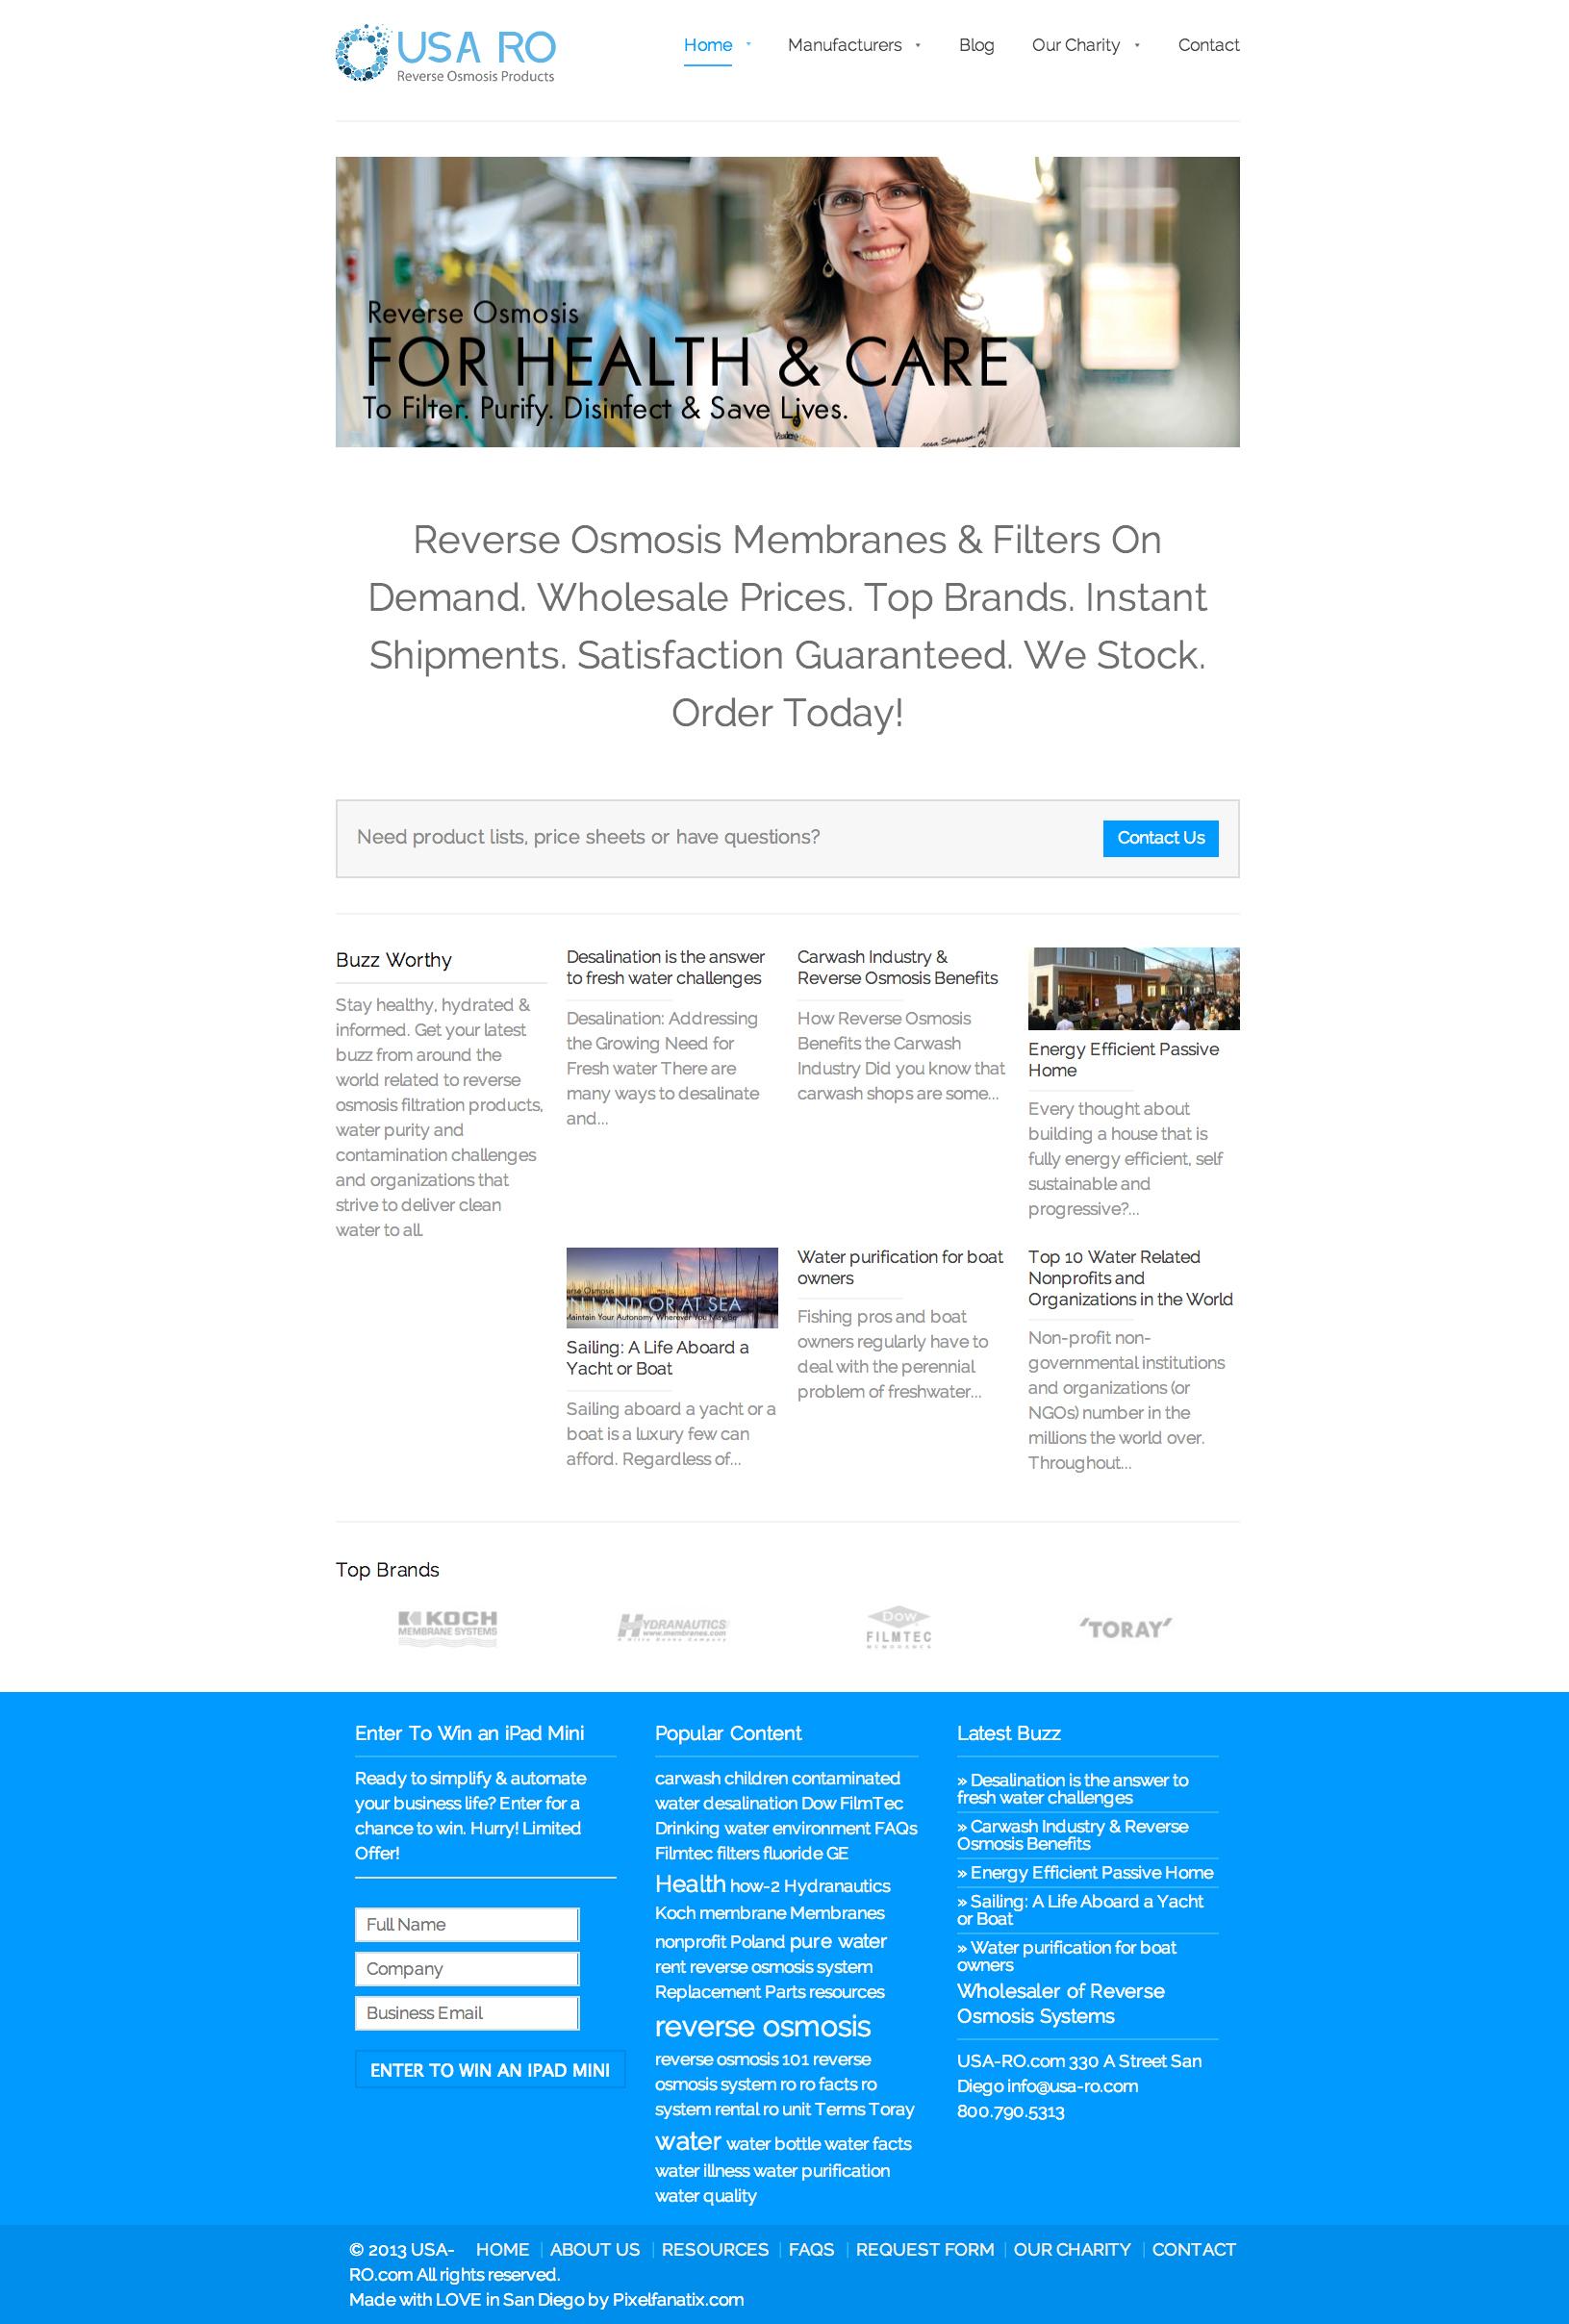 usa-ro-website